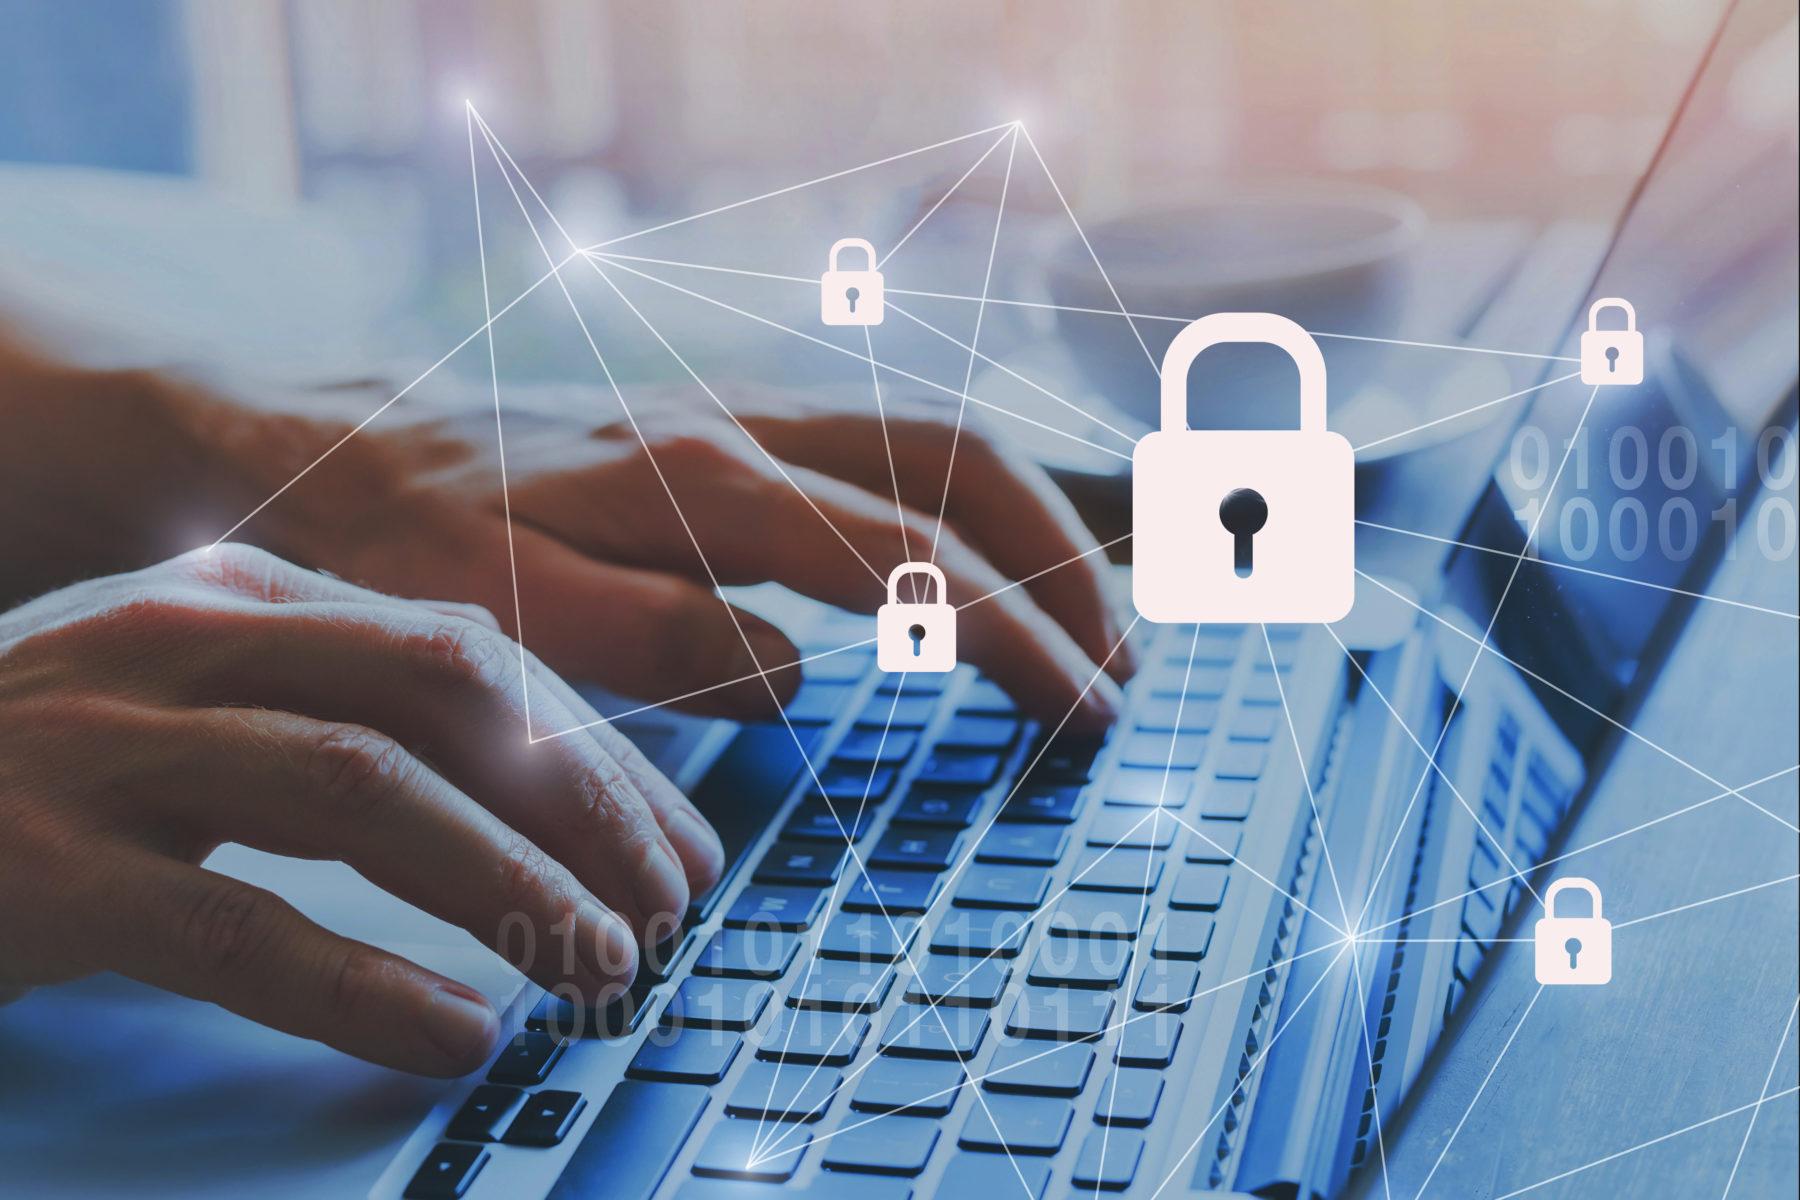 Passwort Tresor, Datenspeicher, Verschlüsselung, Bitlocker, Veracrypt, Truecrypt, KeePass